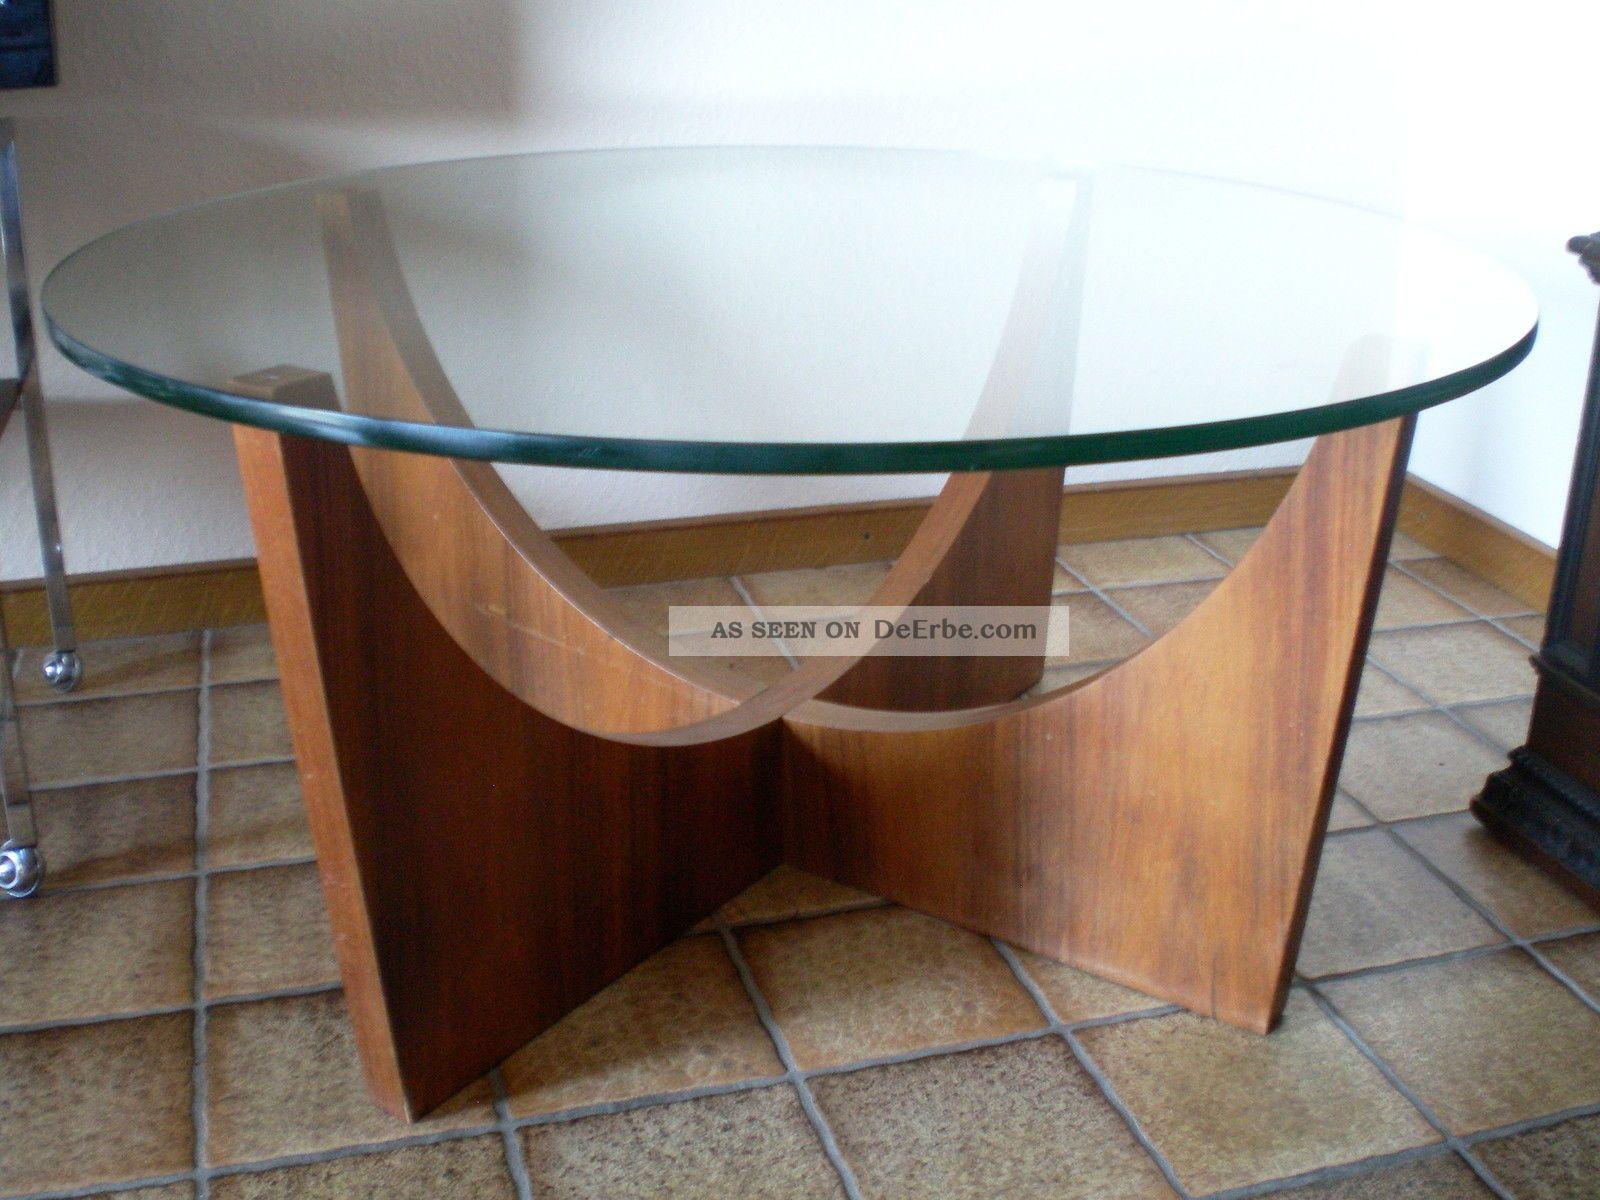 Couchtisch Flach Holz Funvit Wohnzimmermbel Kernbuche